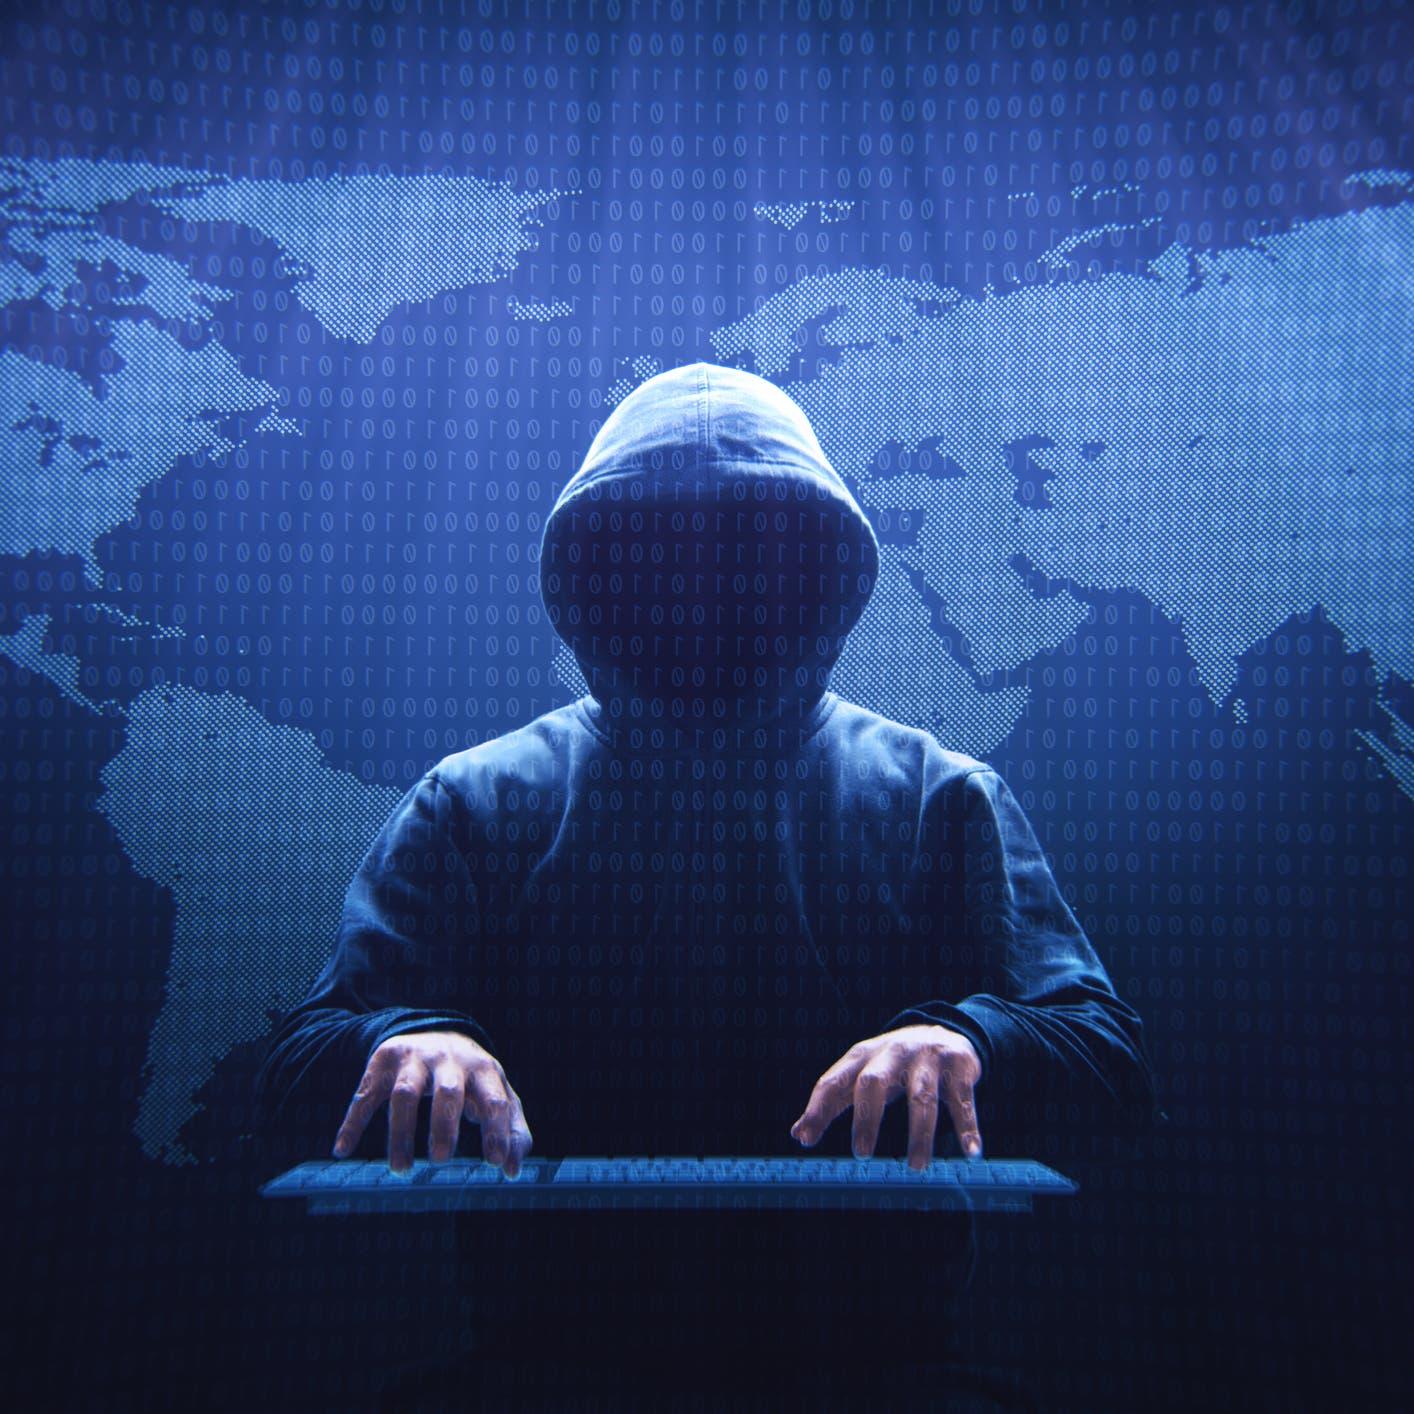 """ظل القرصنة مجدداً.. مجموعة روسية تستهدف """"مايكروسوفت"""""""